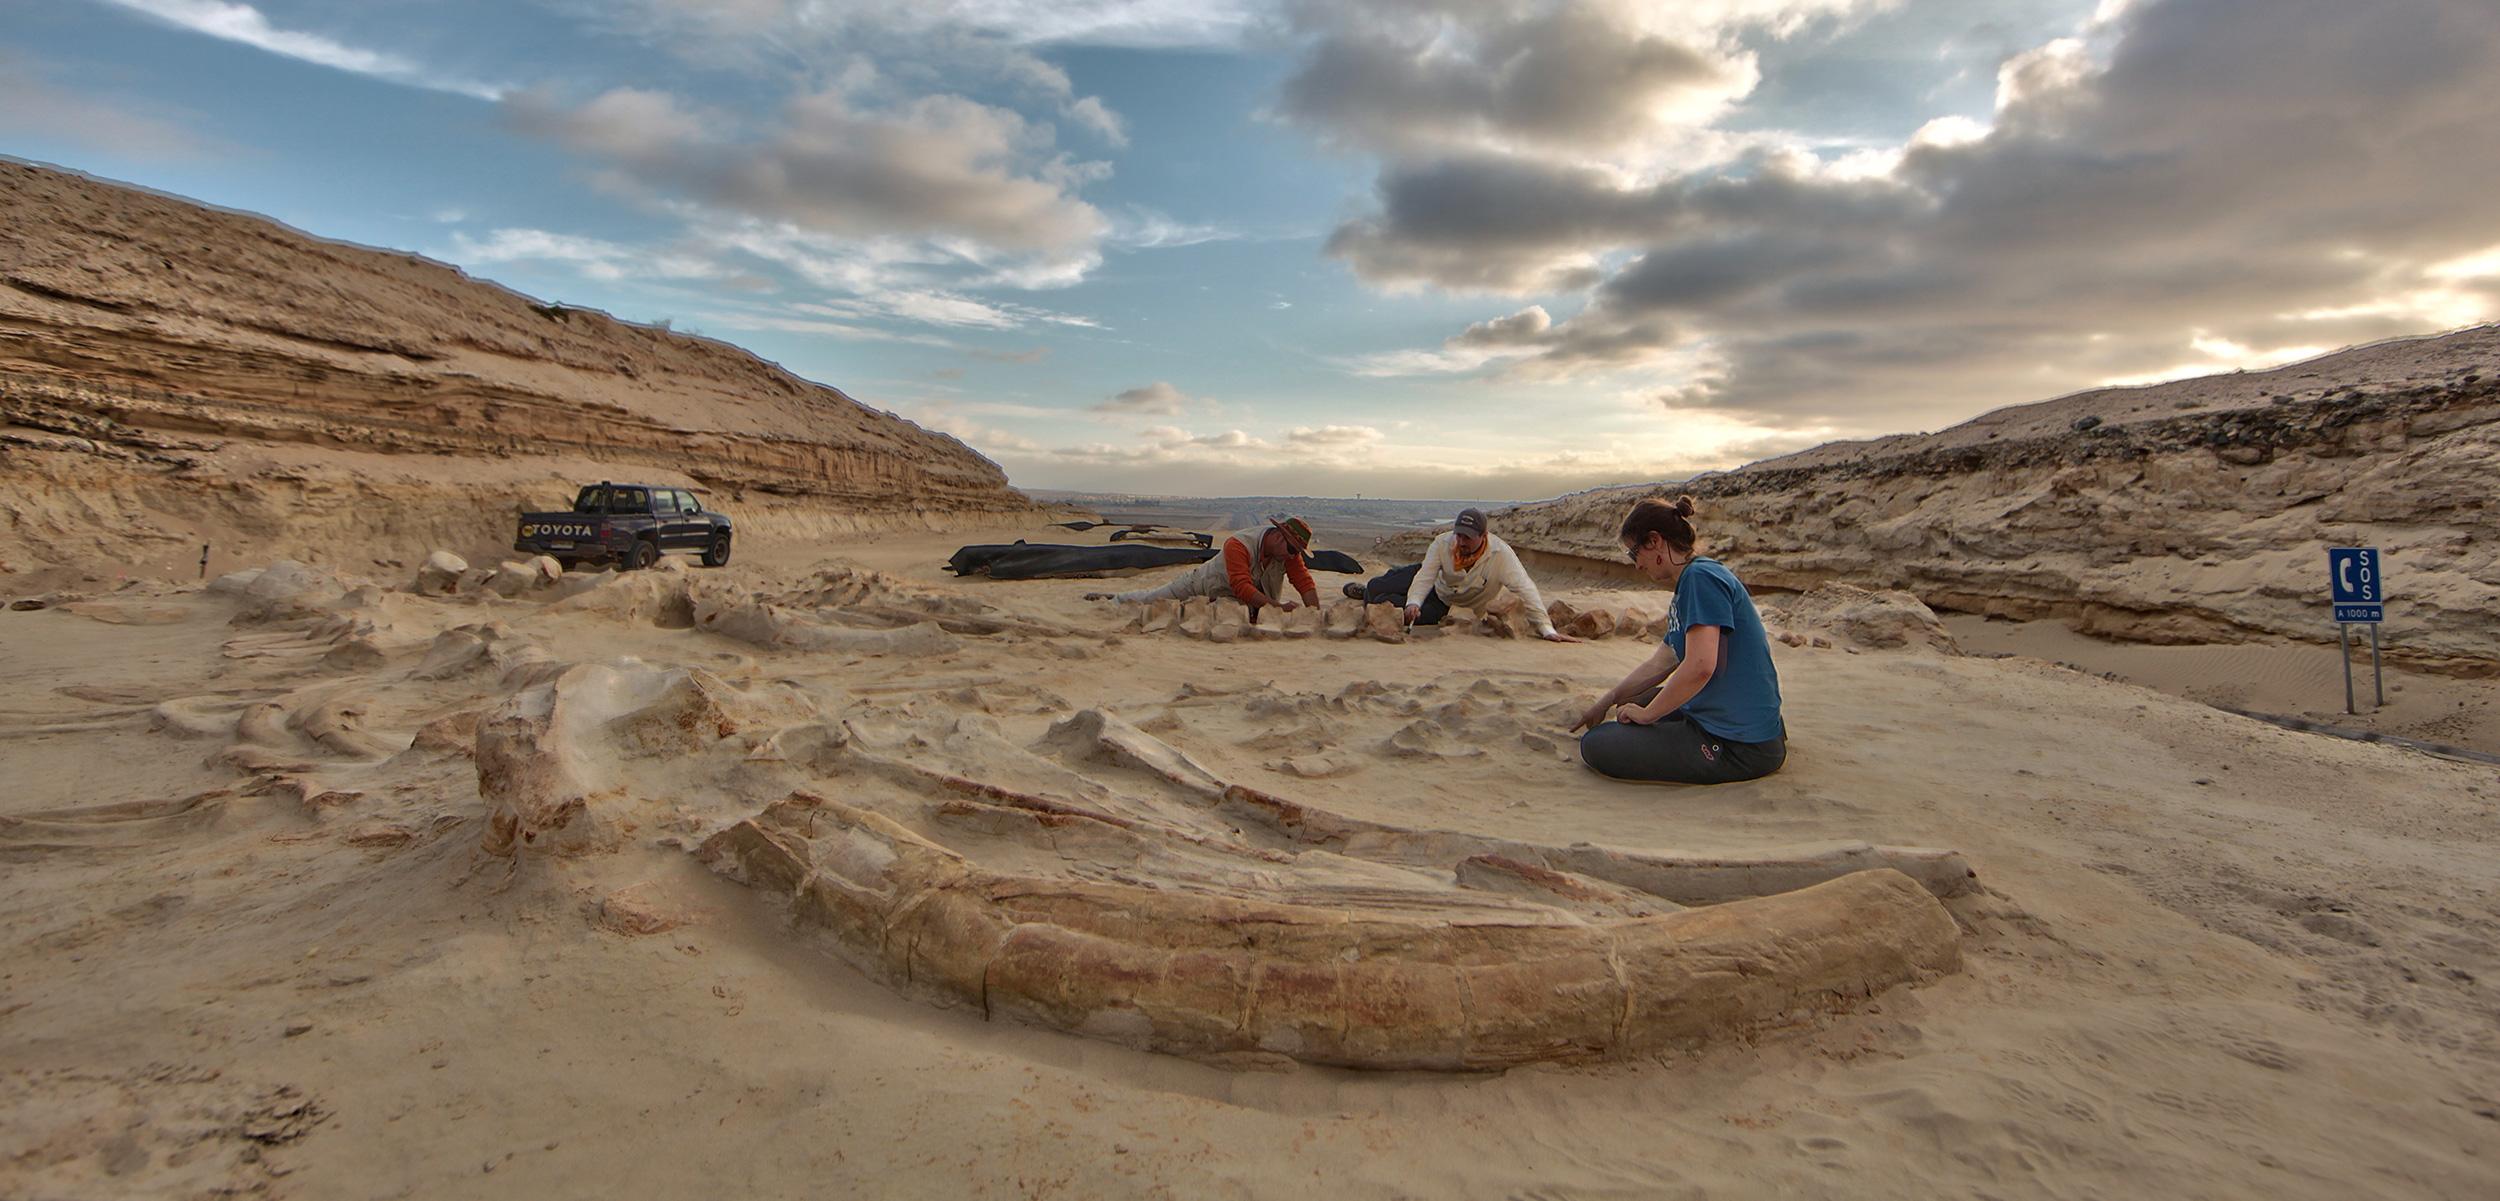 Какие непредсказуемые находки могут таить в себе пустыни мира